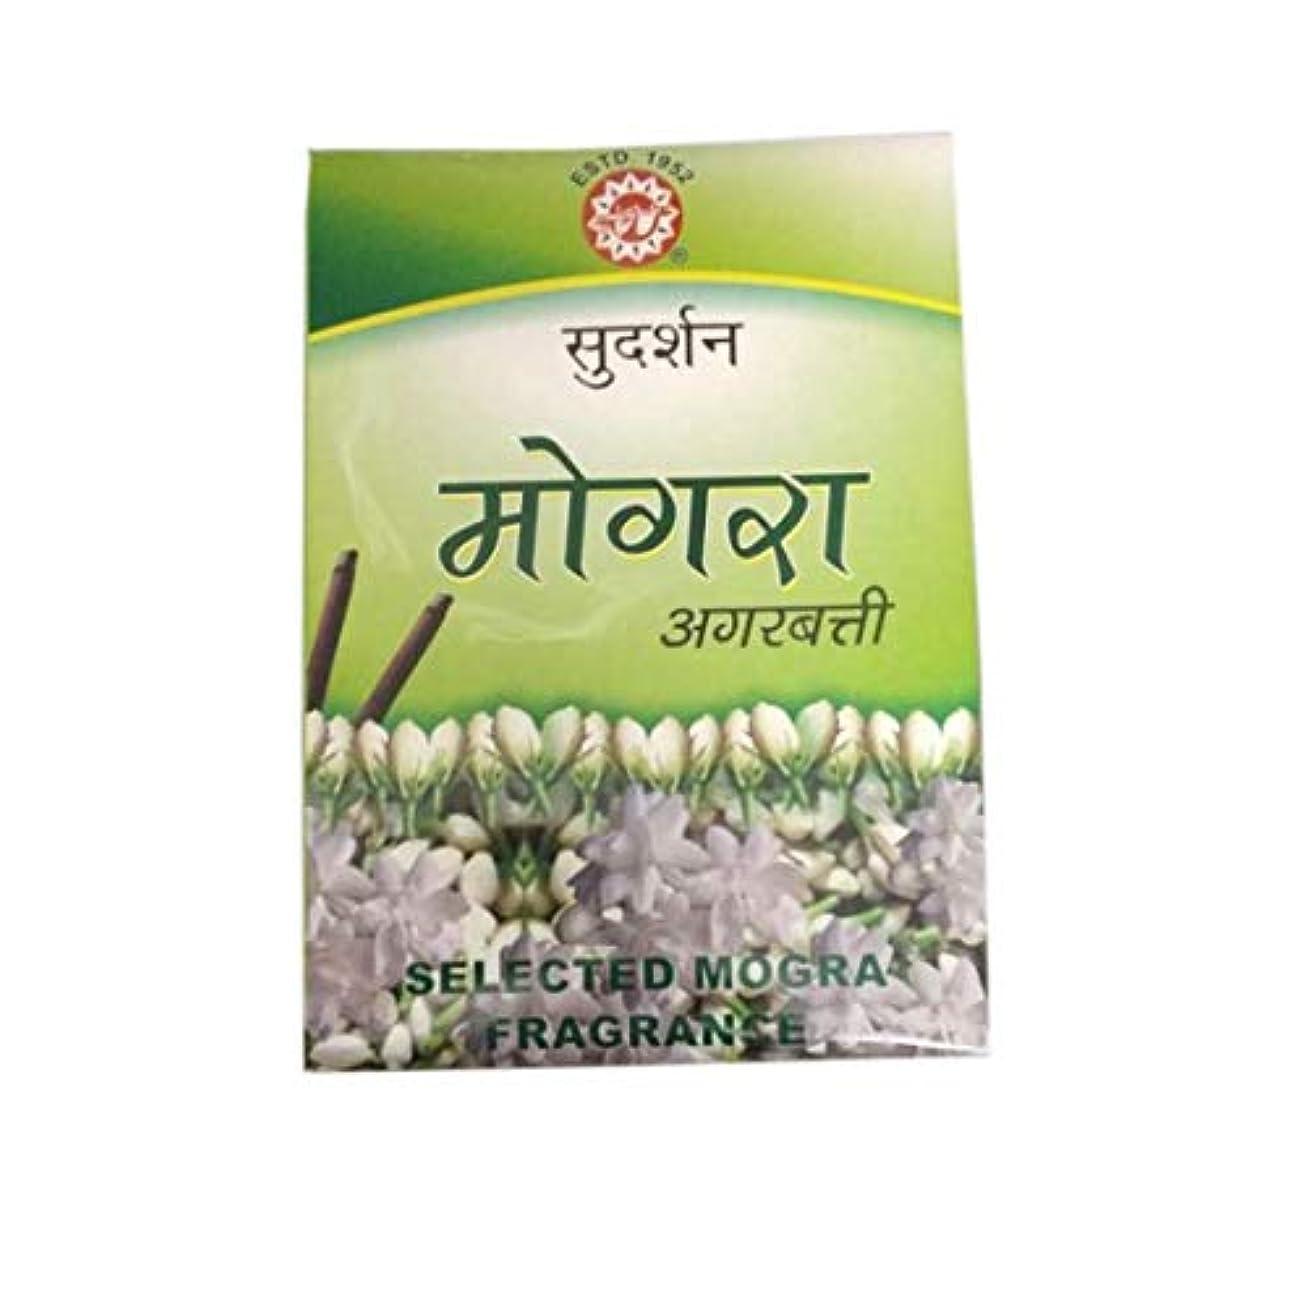 職人奴隷冒険者Sudarshan Mogra Agarbatti - 12 Sticks Packet 1 Box Fragrance Incense Sticks for Positivity & Freshness Lavender...